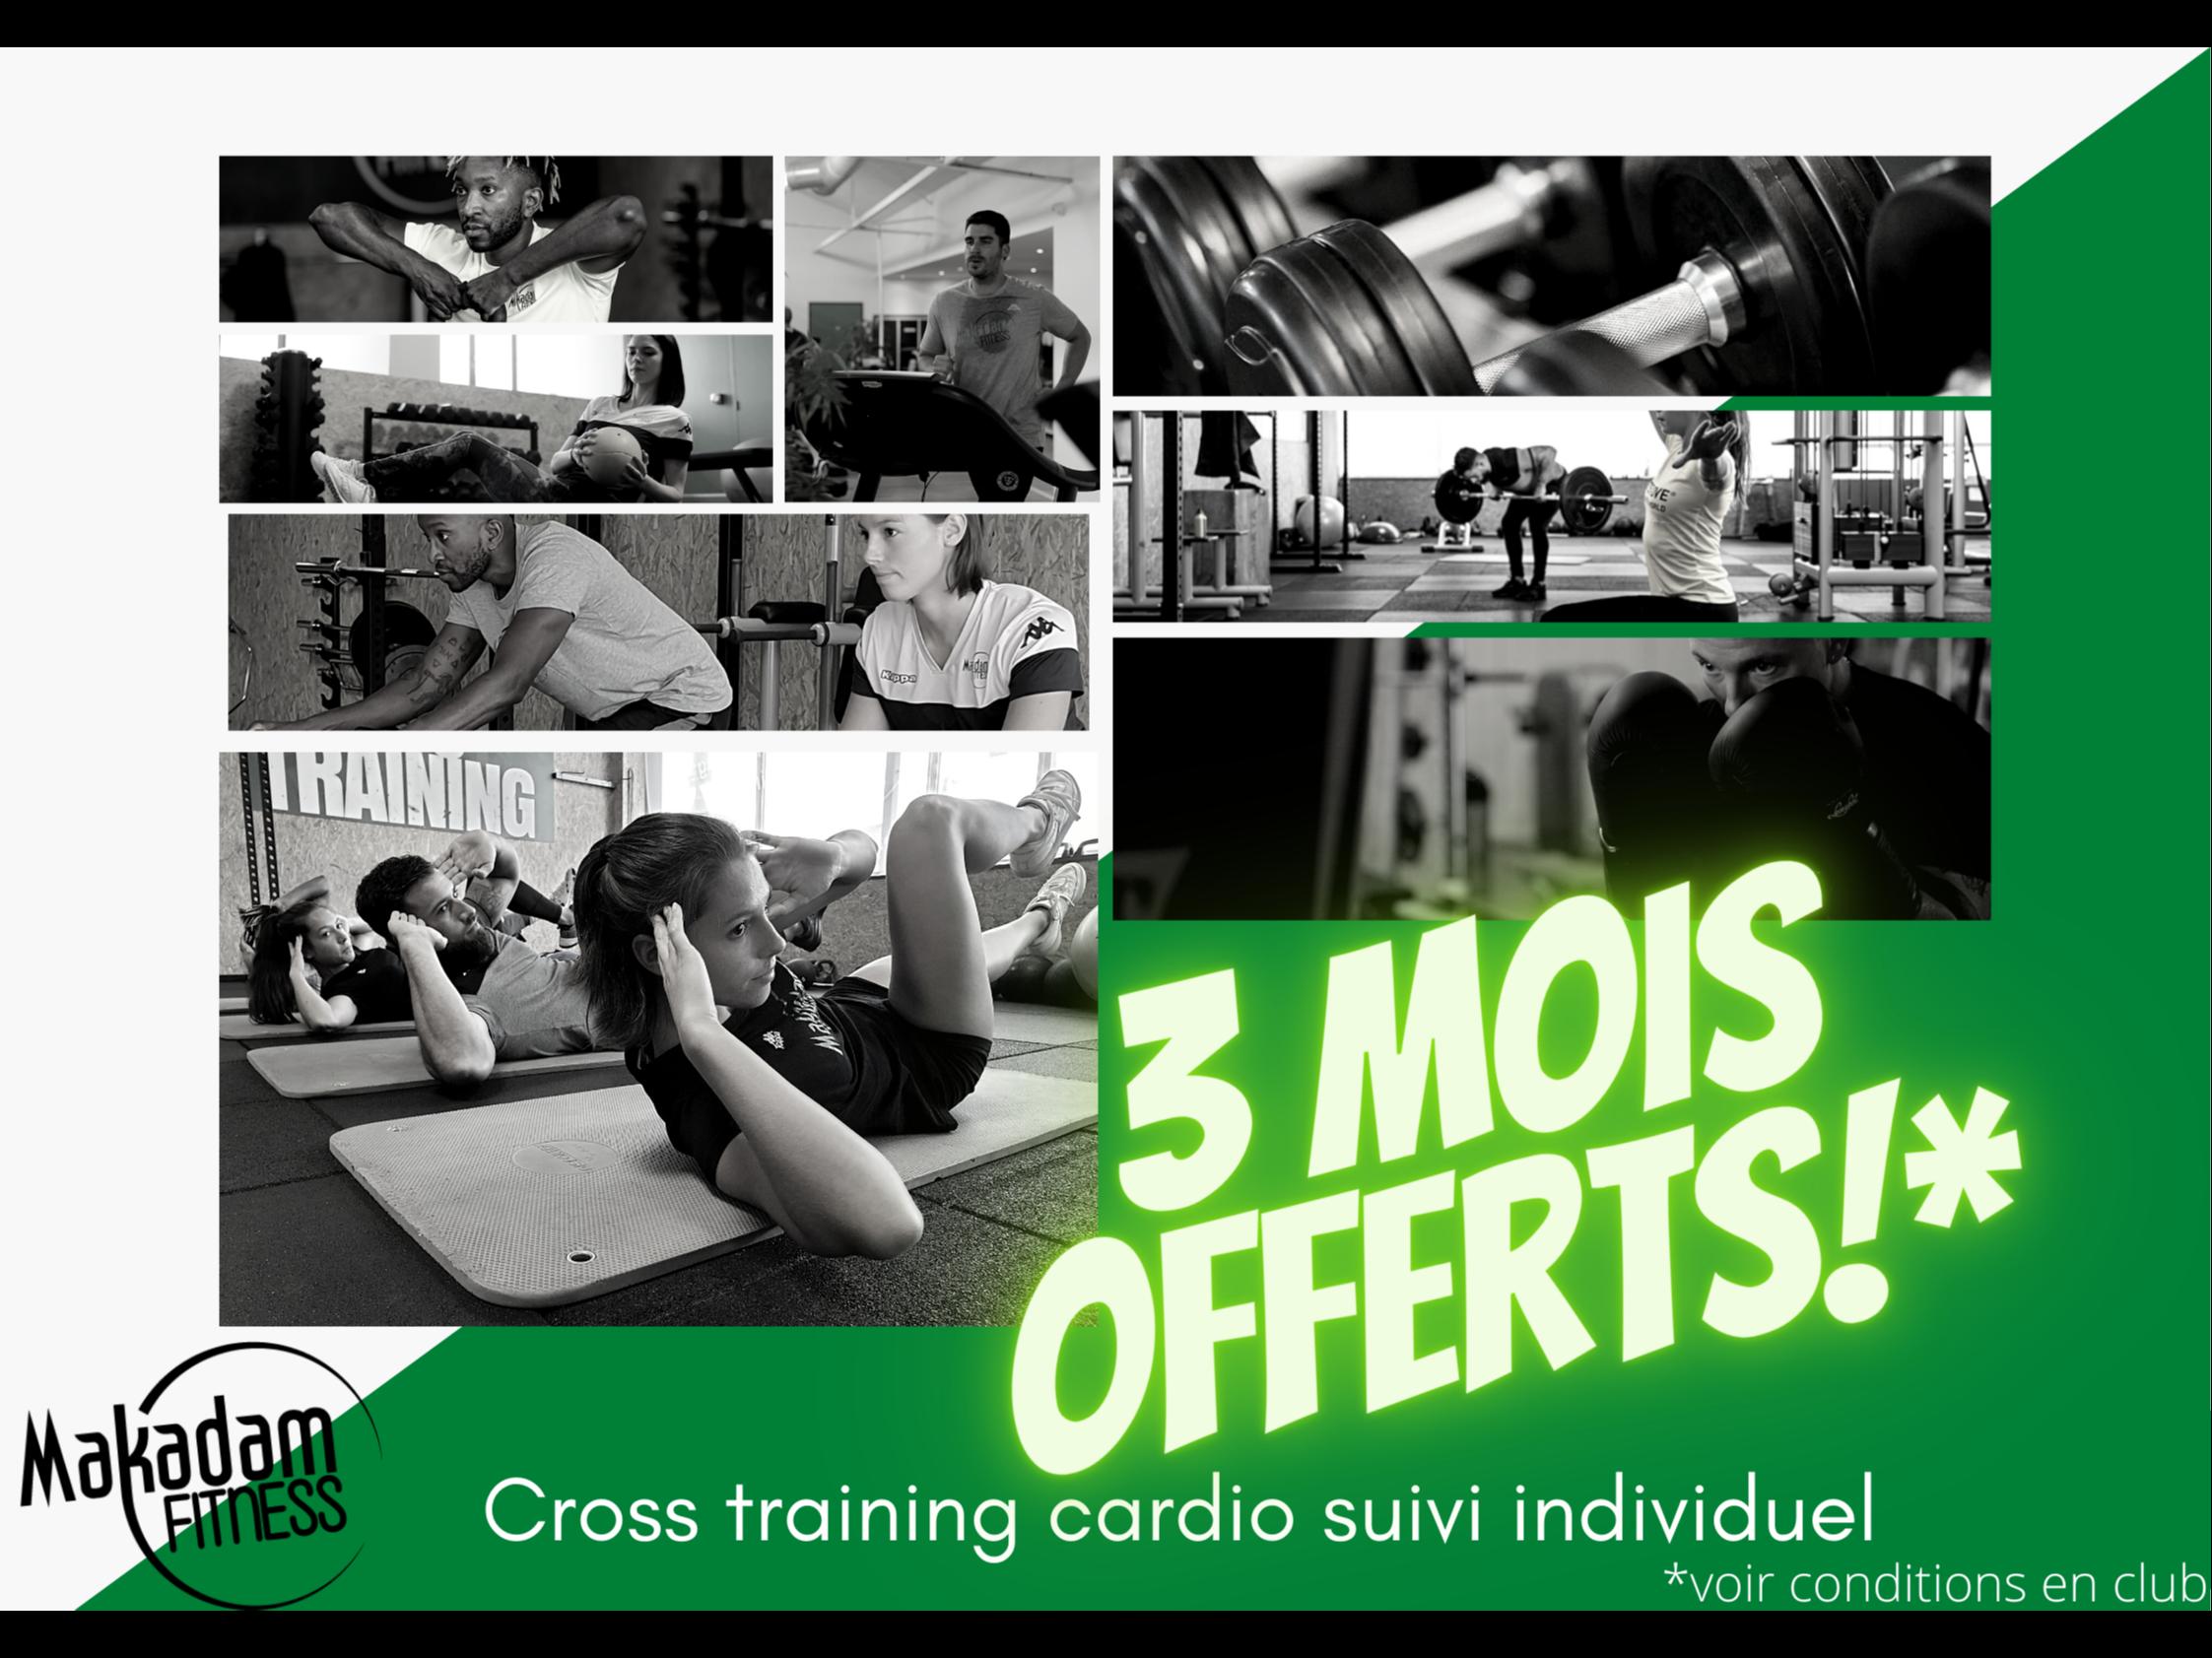 Makadam Fitness Cesson Sévigné